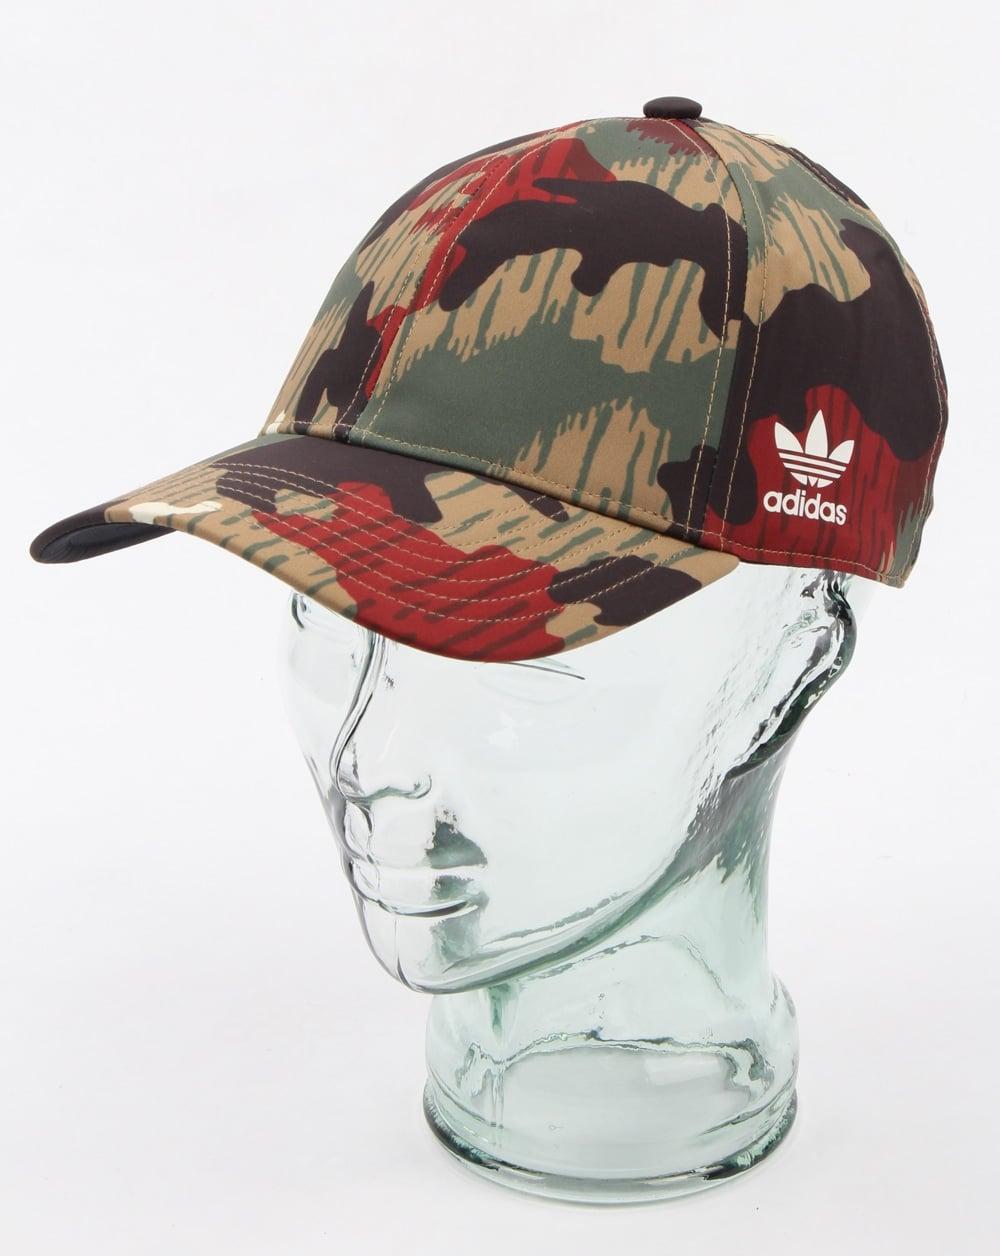 reputable site a77e5 495d5 adidas Originals Adidas Originals Pw Hu Classic Cap Camo